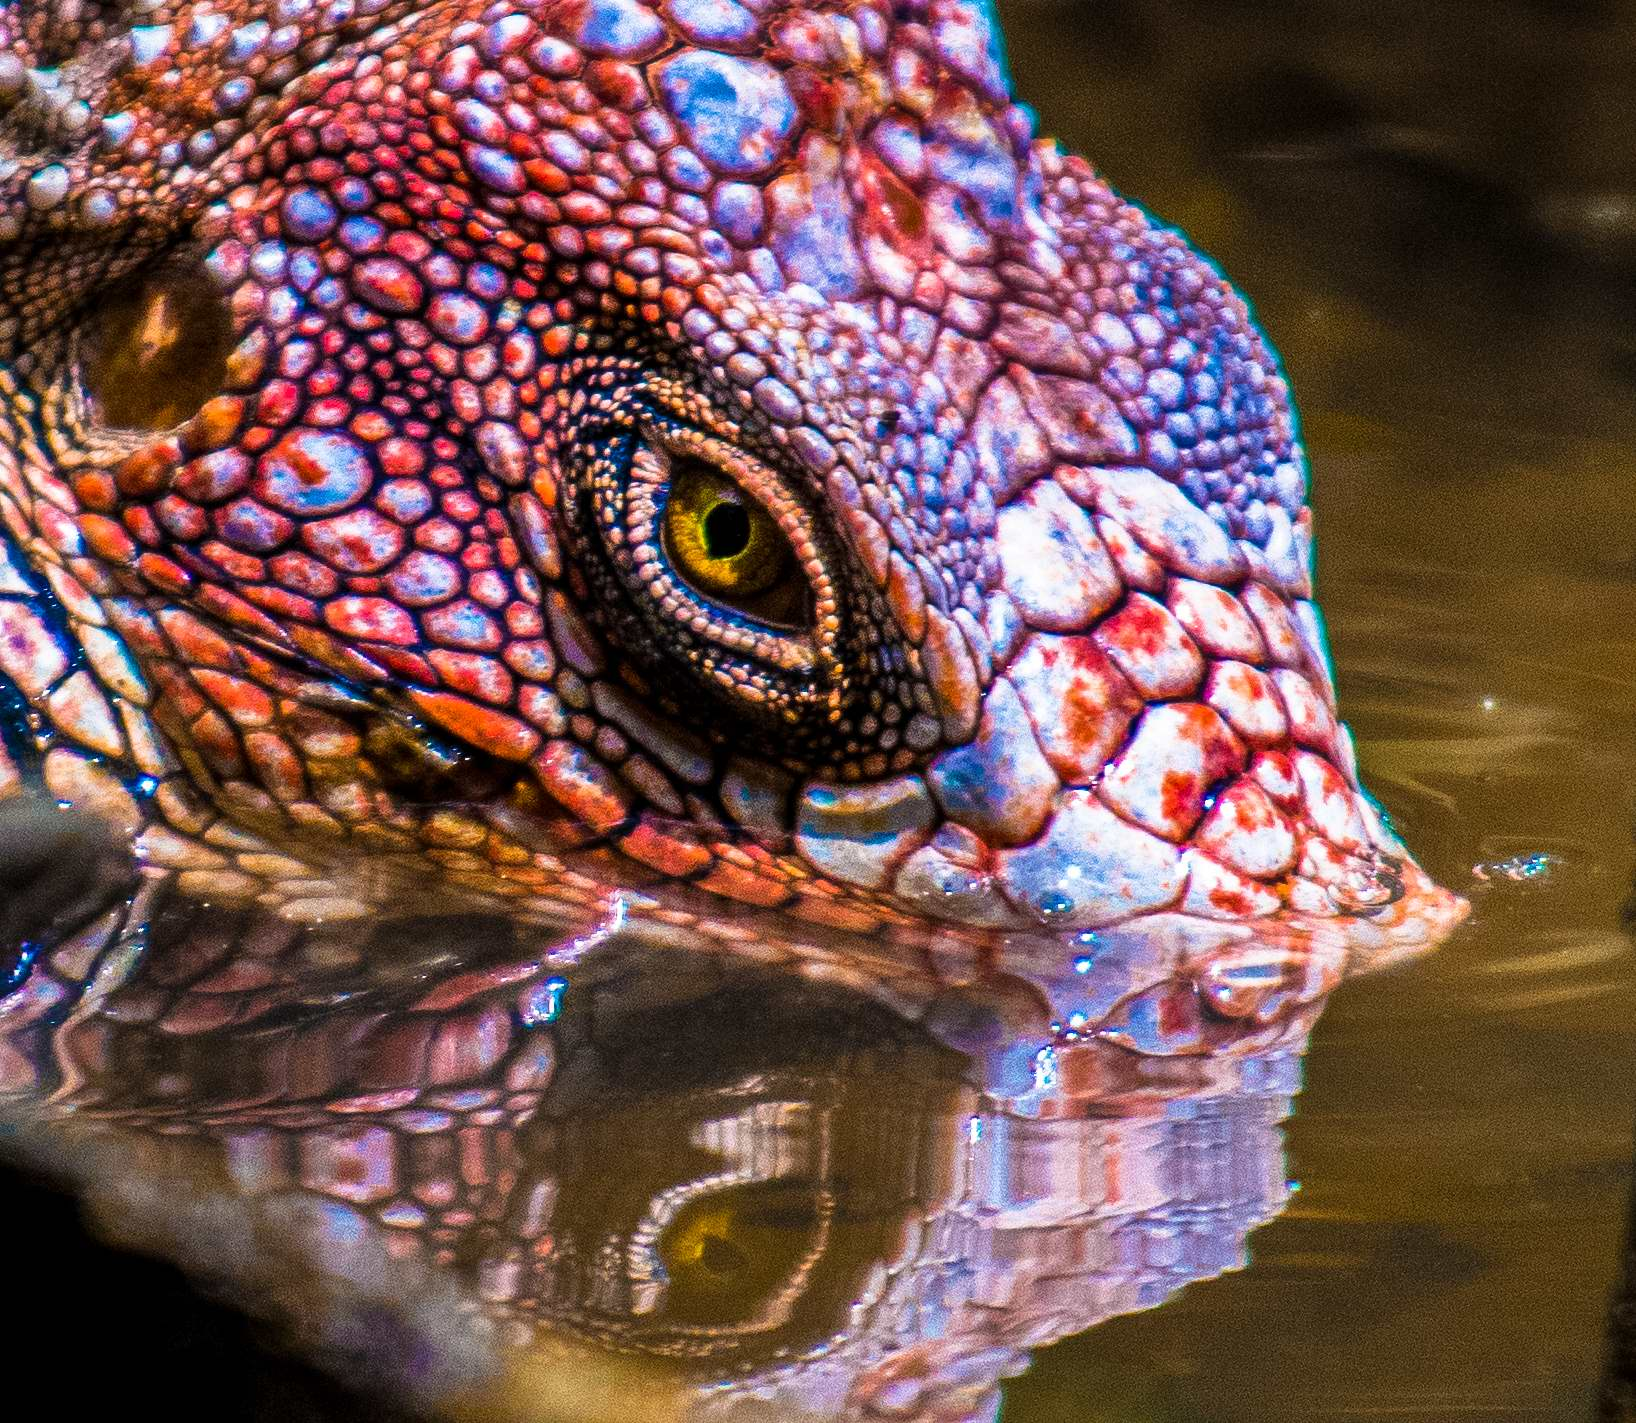 The Eye of the Iguana...